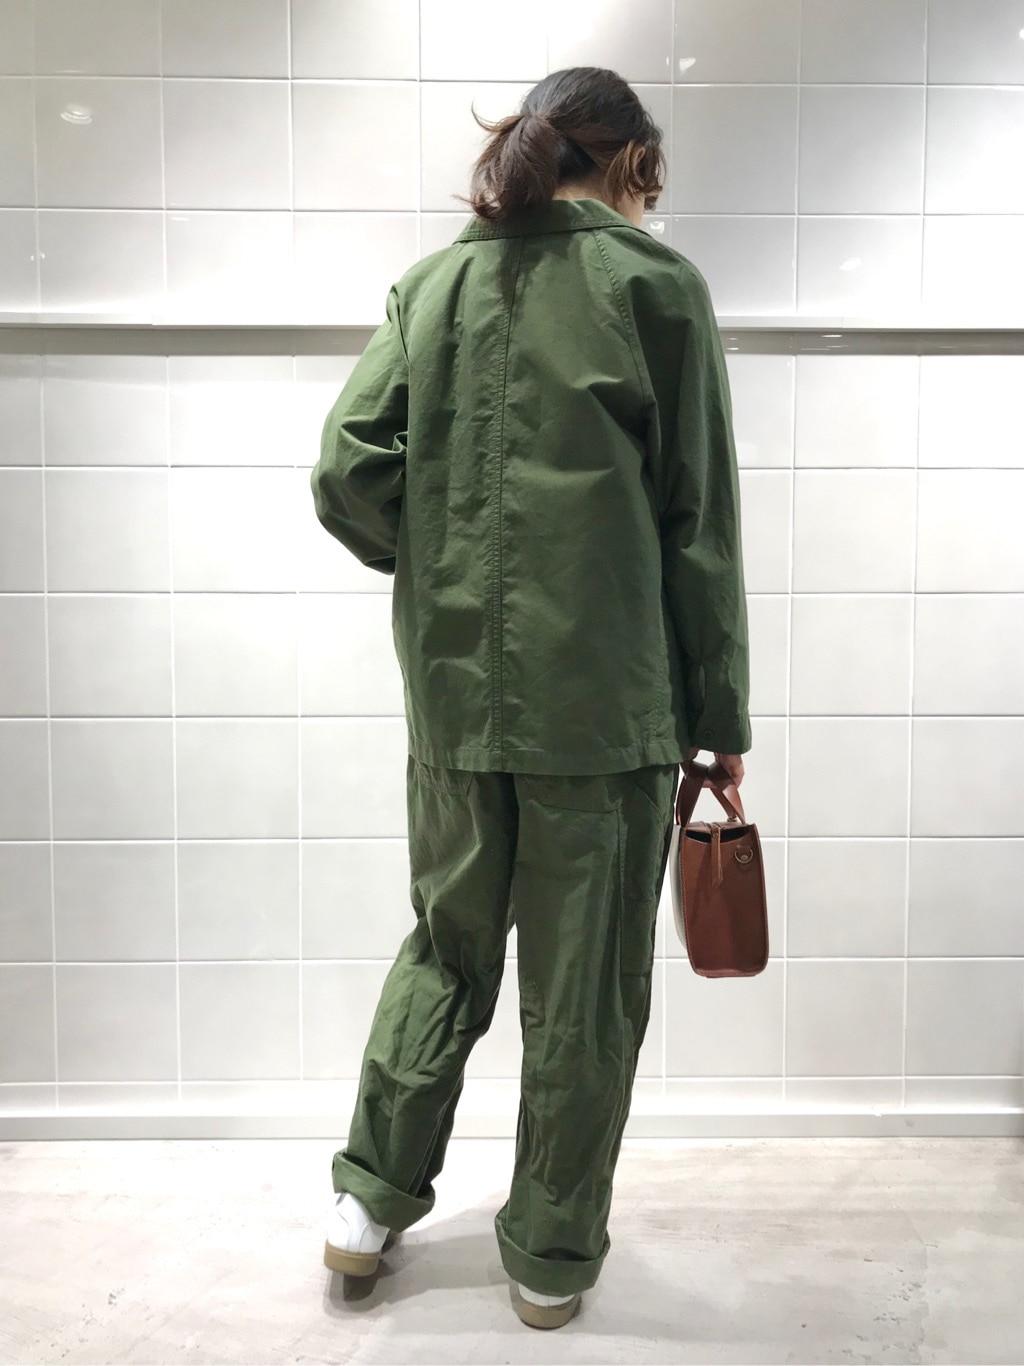 - PAR ICI CHILD WOMAN , PAR ICI ルミネ池袋 身長:154cm 2020.10.26